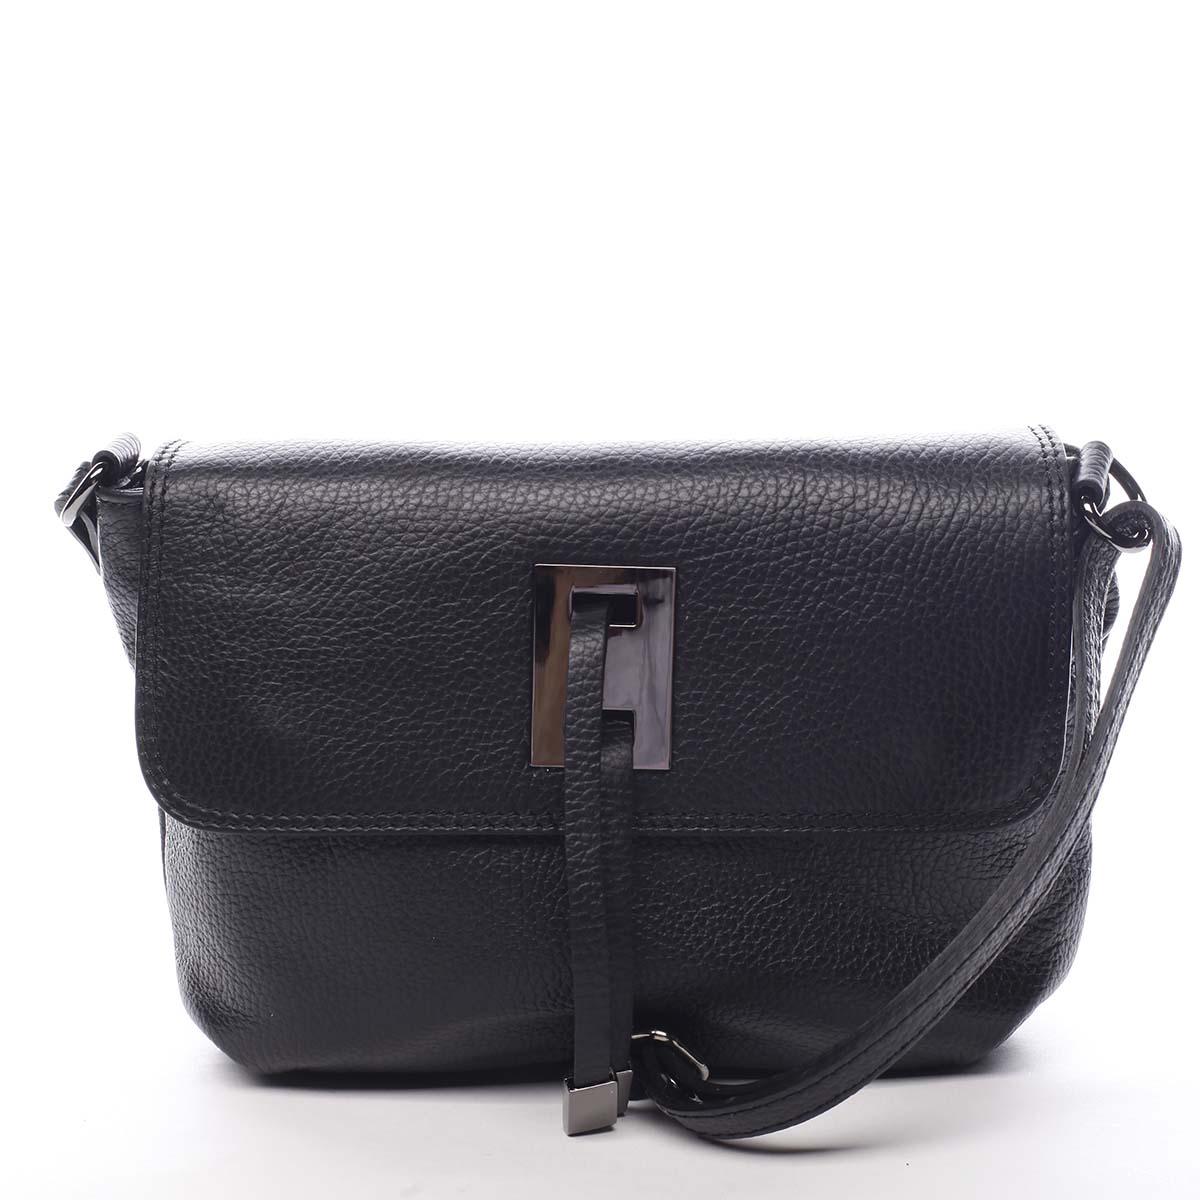 Dámska kožená crossbody kabelka čierna - ItalY Porta čierna